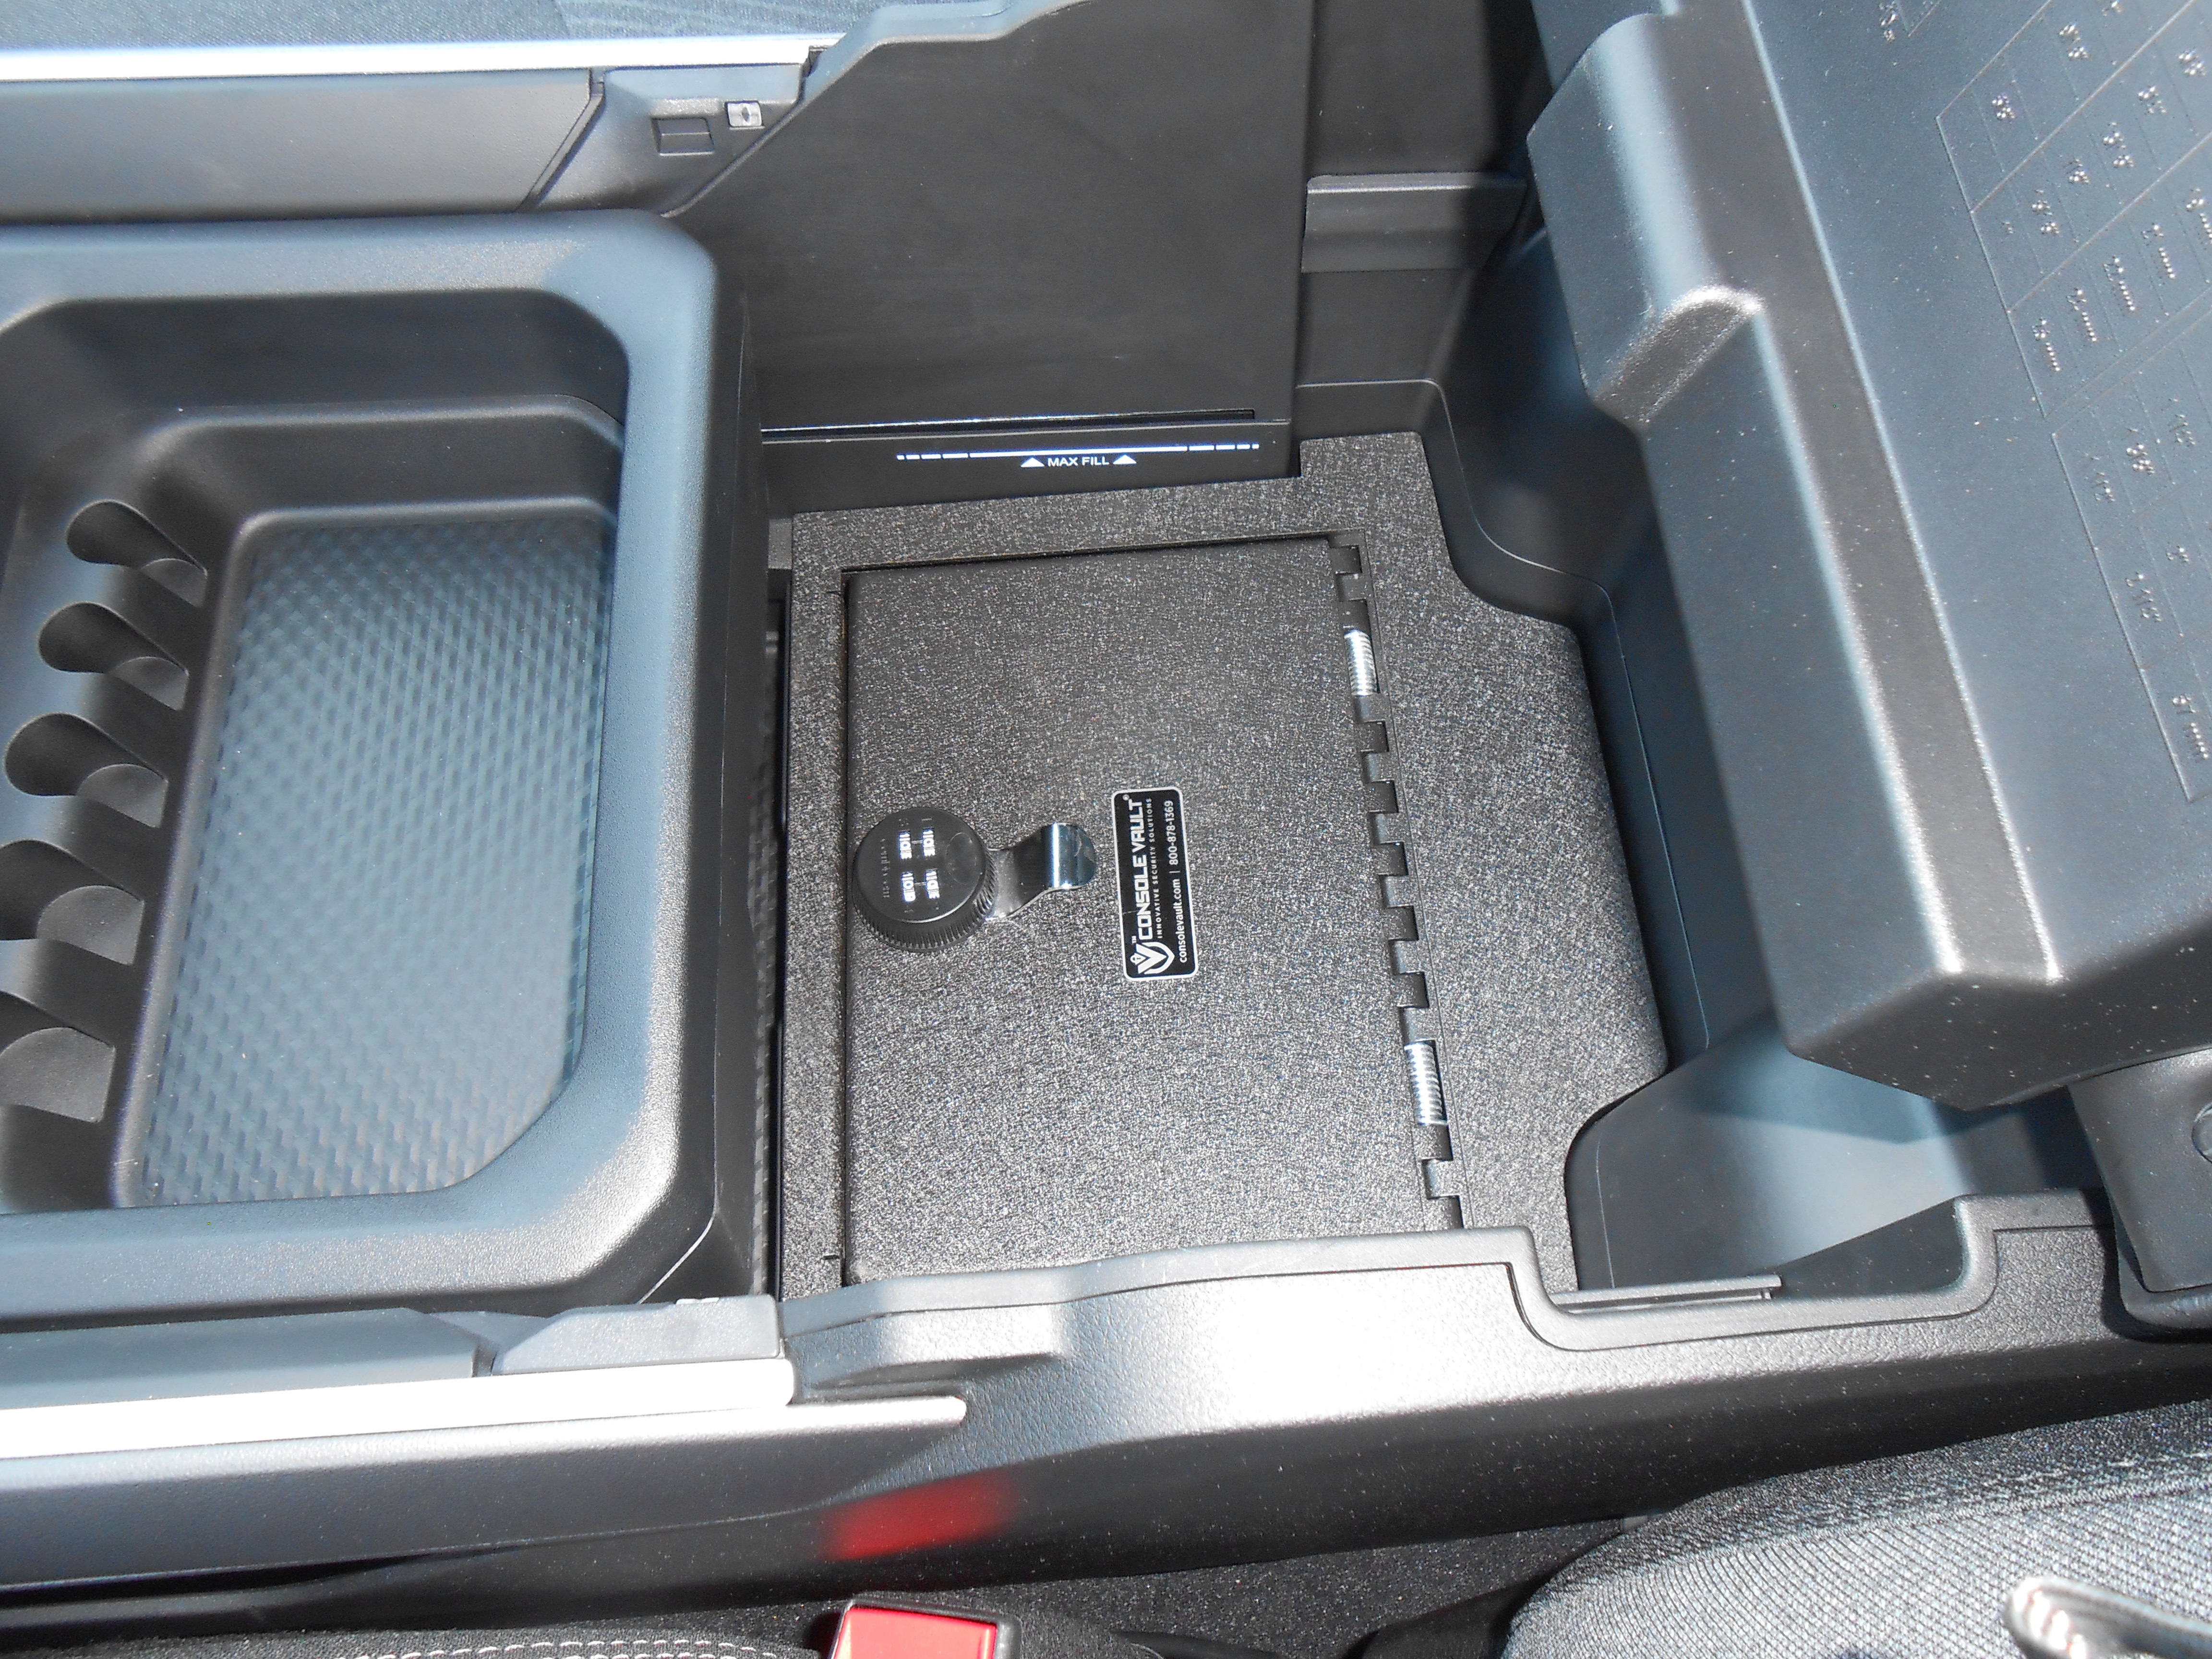 Dodge Ram 1500 Console Vault Heavy Gauge In Vehicle Vault